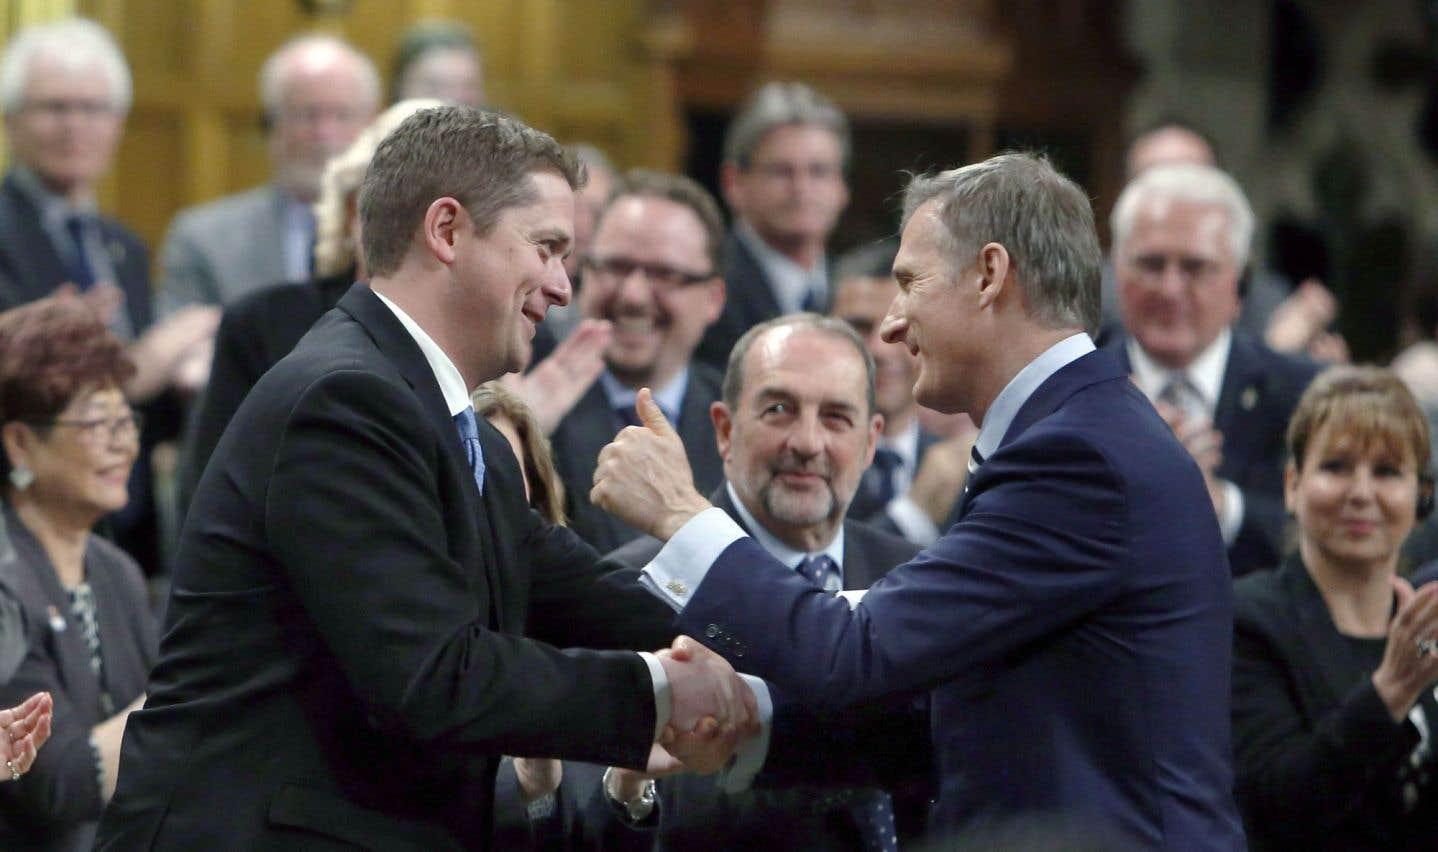 Andrew Scheer a fait son entrée au Parlement à titre de chef du Parti conservateur du Canada, lundi, accueilli notamment par son adversaire d'hier, Maxime Bernier.